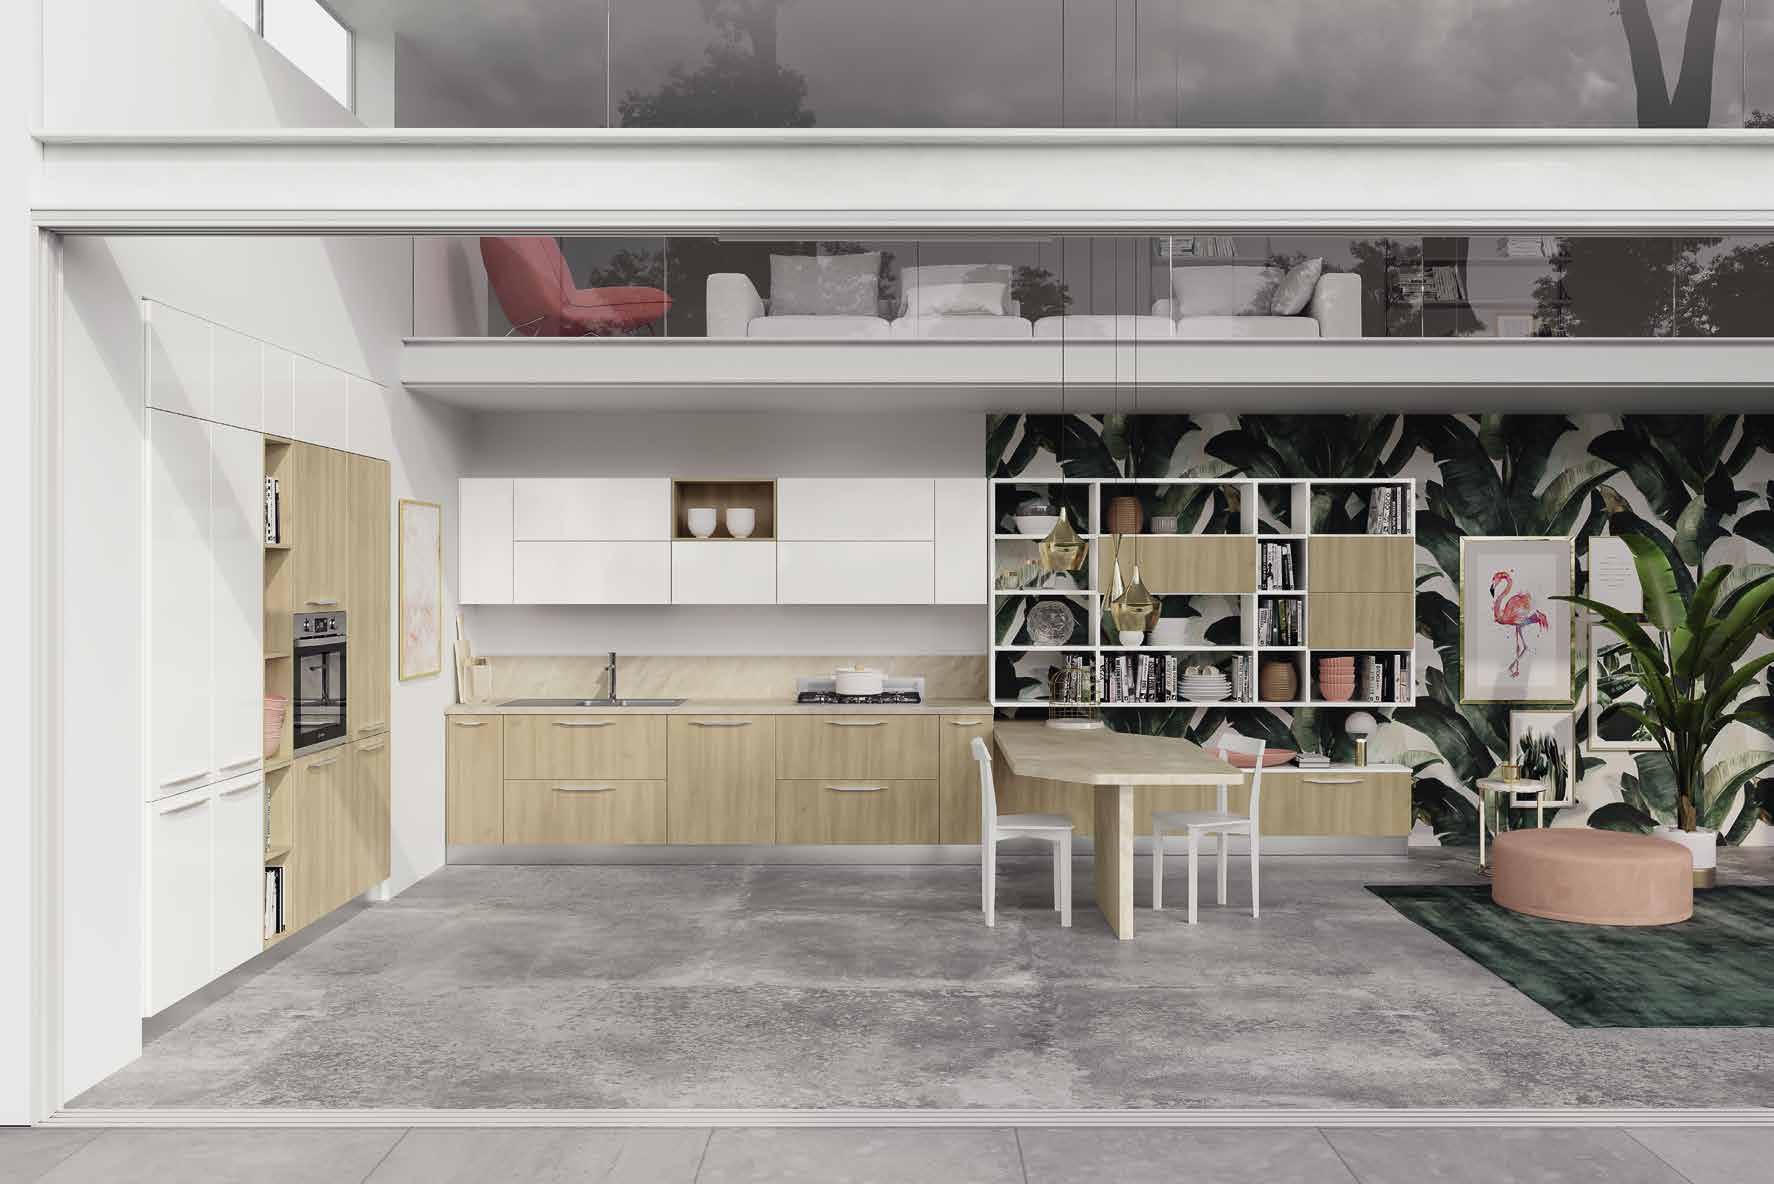 Κουζίνα laminate σε γυαλιστερο λευκο πολυμερικο και κερασια nordico με νησιδα και gola